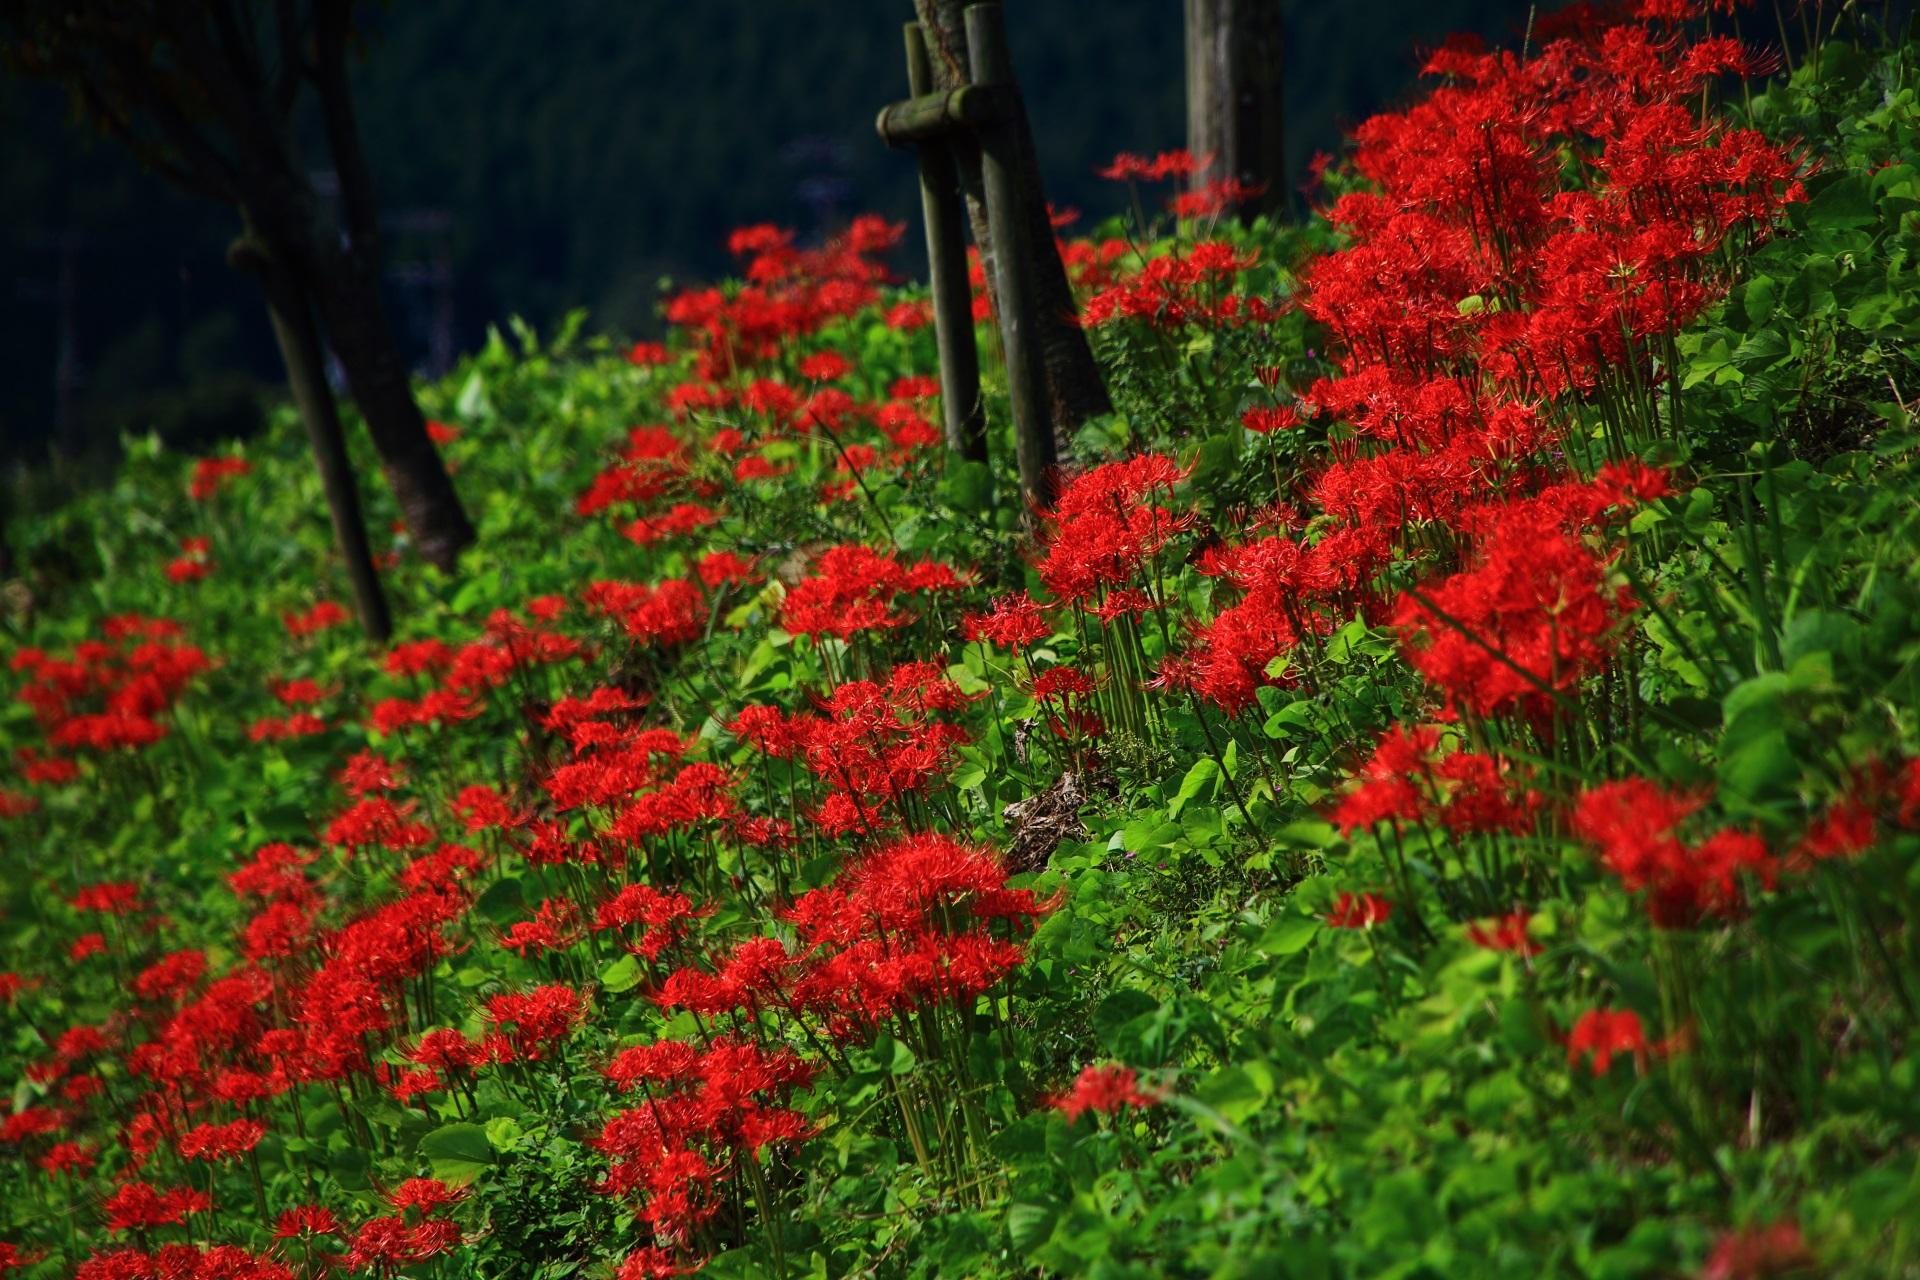 大原の桜井の径(さくらいのみち)の彼岸花